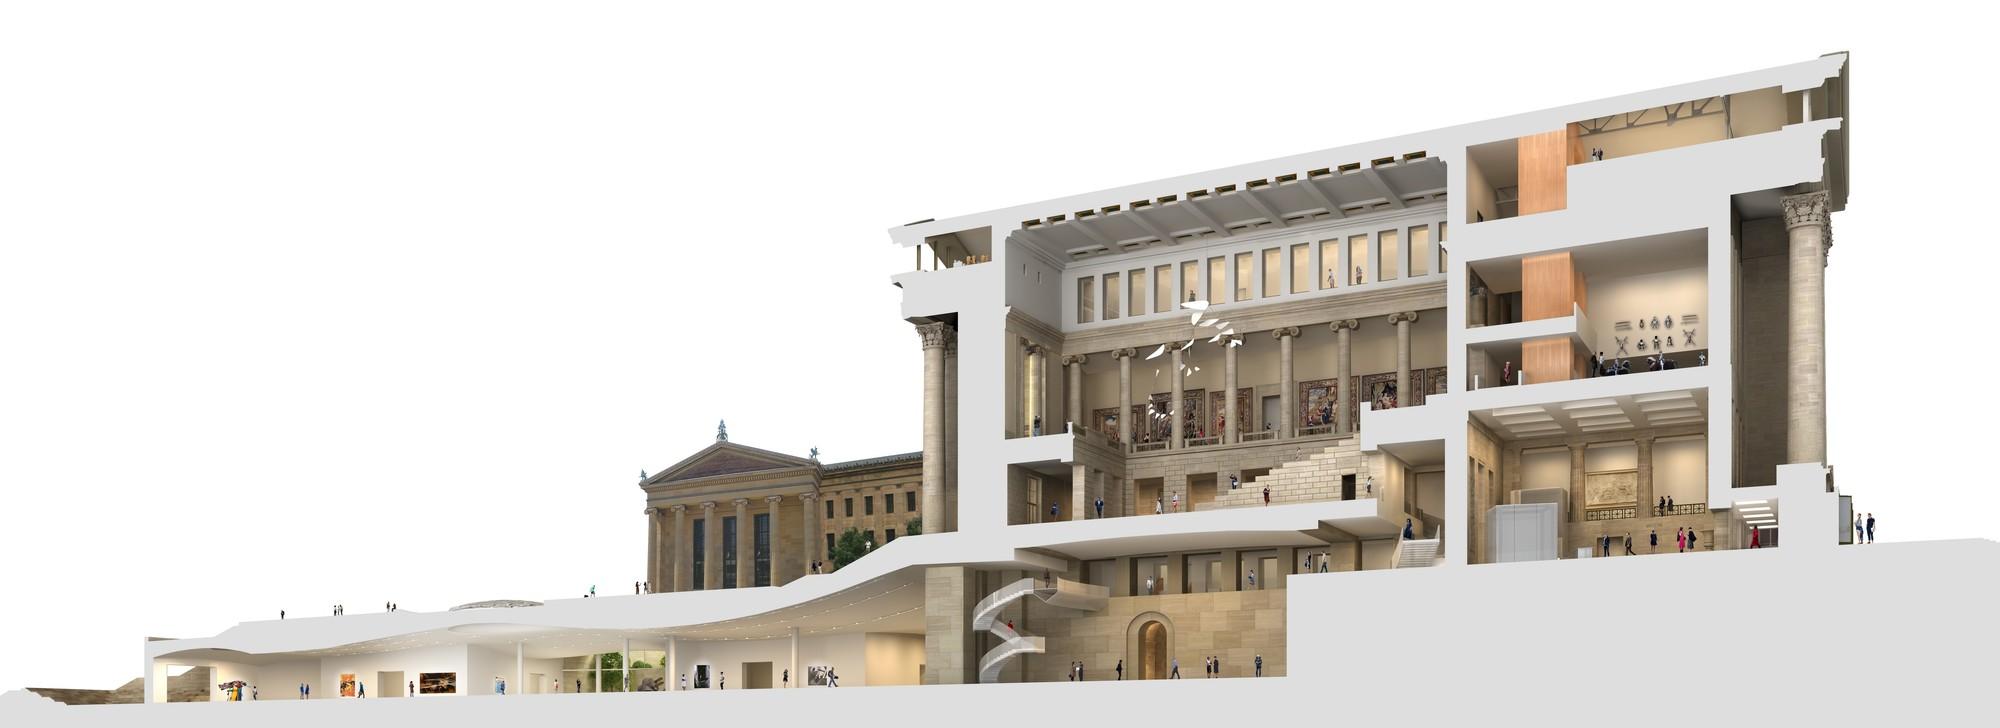 Vista de sección transversal mostrando los cambios de los espacios interiores existentes y las nuevas galerías subterráneas. Imágen © Gehry Partners, LLP